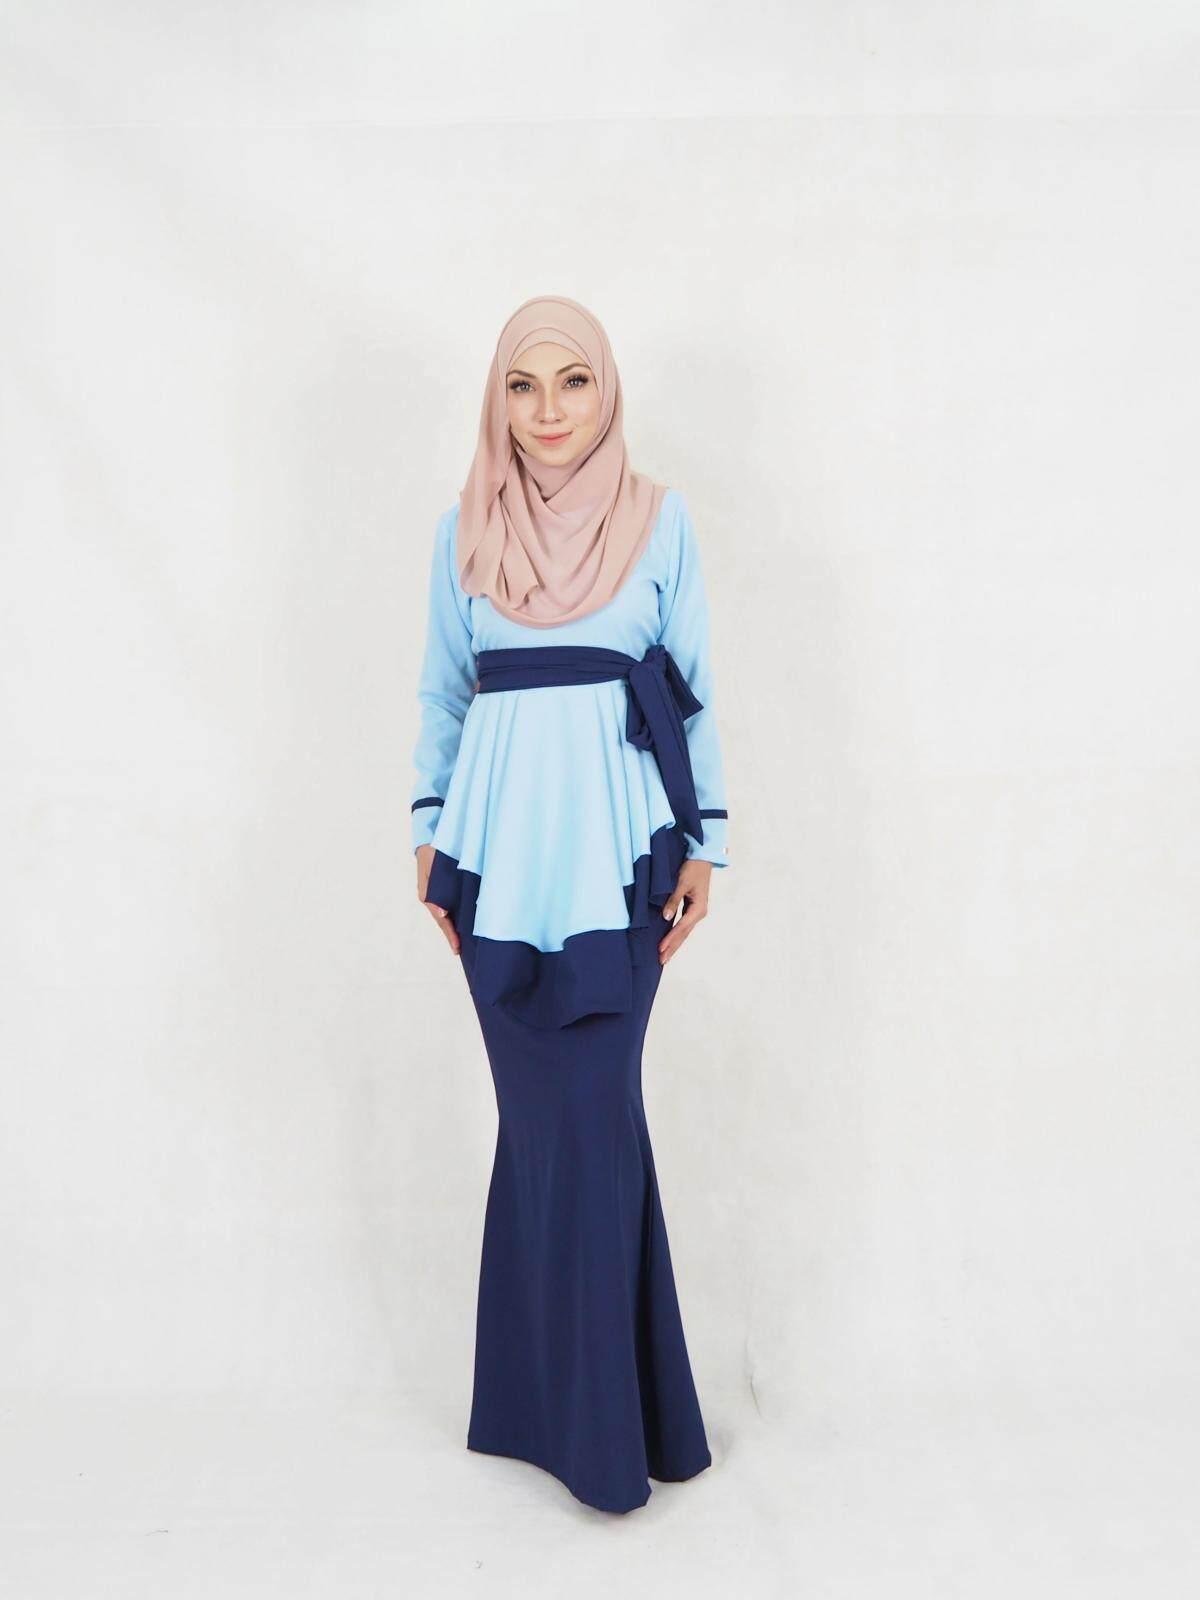 Faria Fara Ribbon Baju Kurung (Plus Size) (Breastfeed) / Muslim Women Fari Fara Baju Kurung / Muslimah Fashion Modern Ribbon Baju Kurung Breastfed (XXL-5XL)